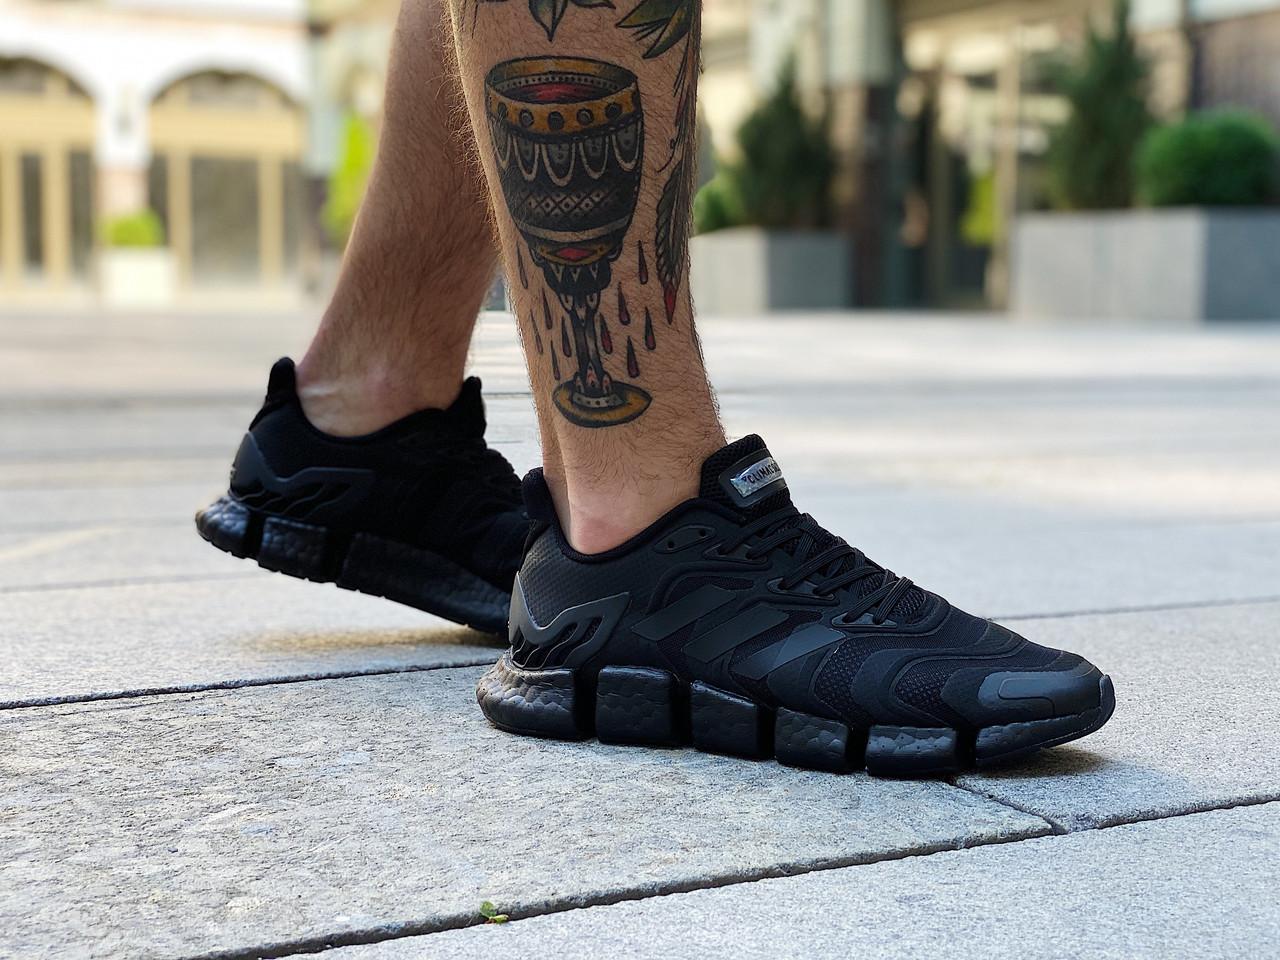 Кроссовки мужские Adidas Climacool Vento / FX7841 (Размер:42)